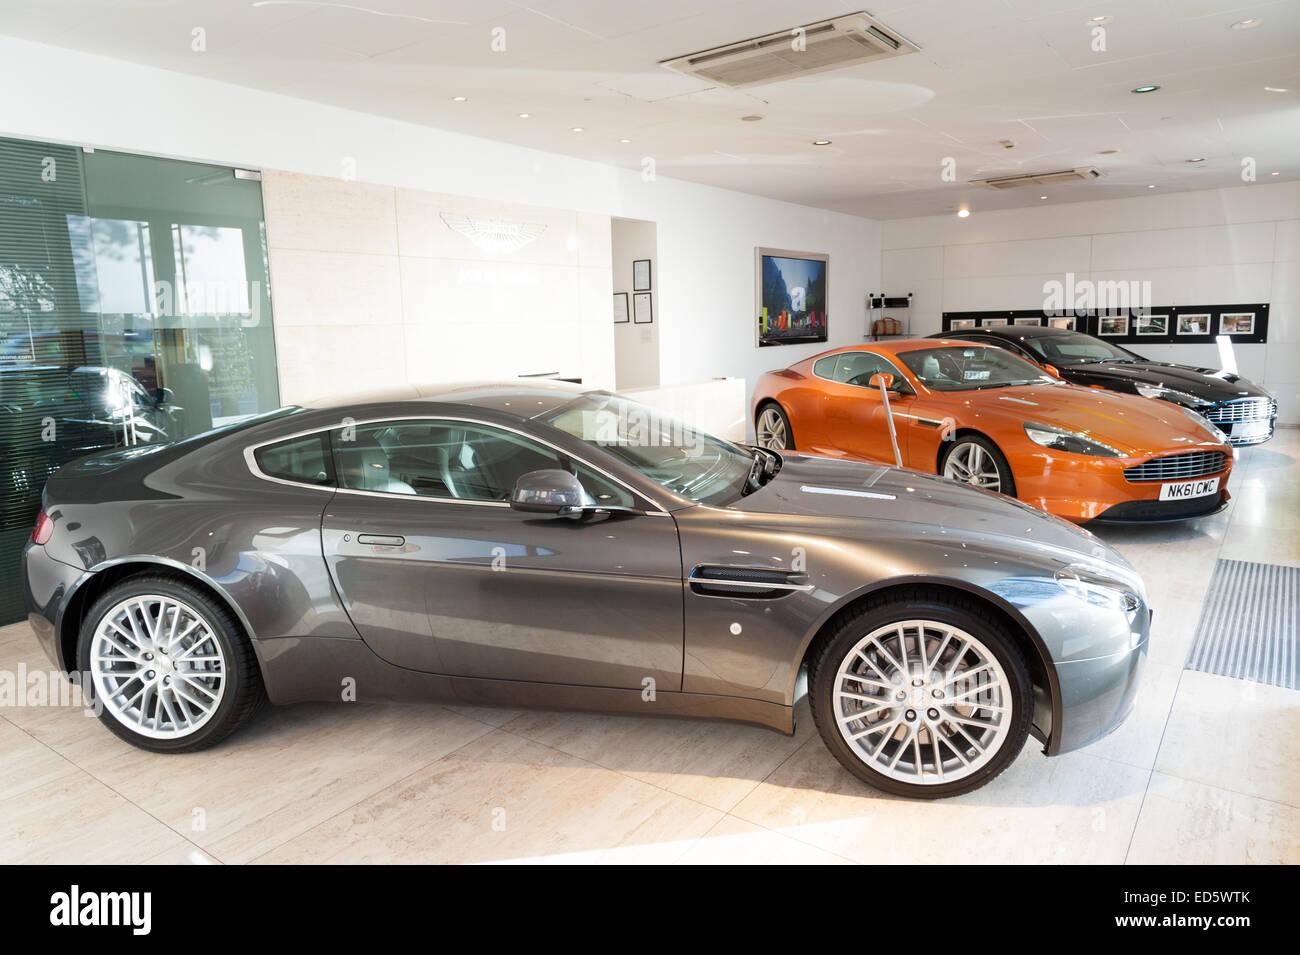 Stratstone Mayfair Aston Martin Dealership Stock Photos Stratstone - Aston martin car dealers